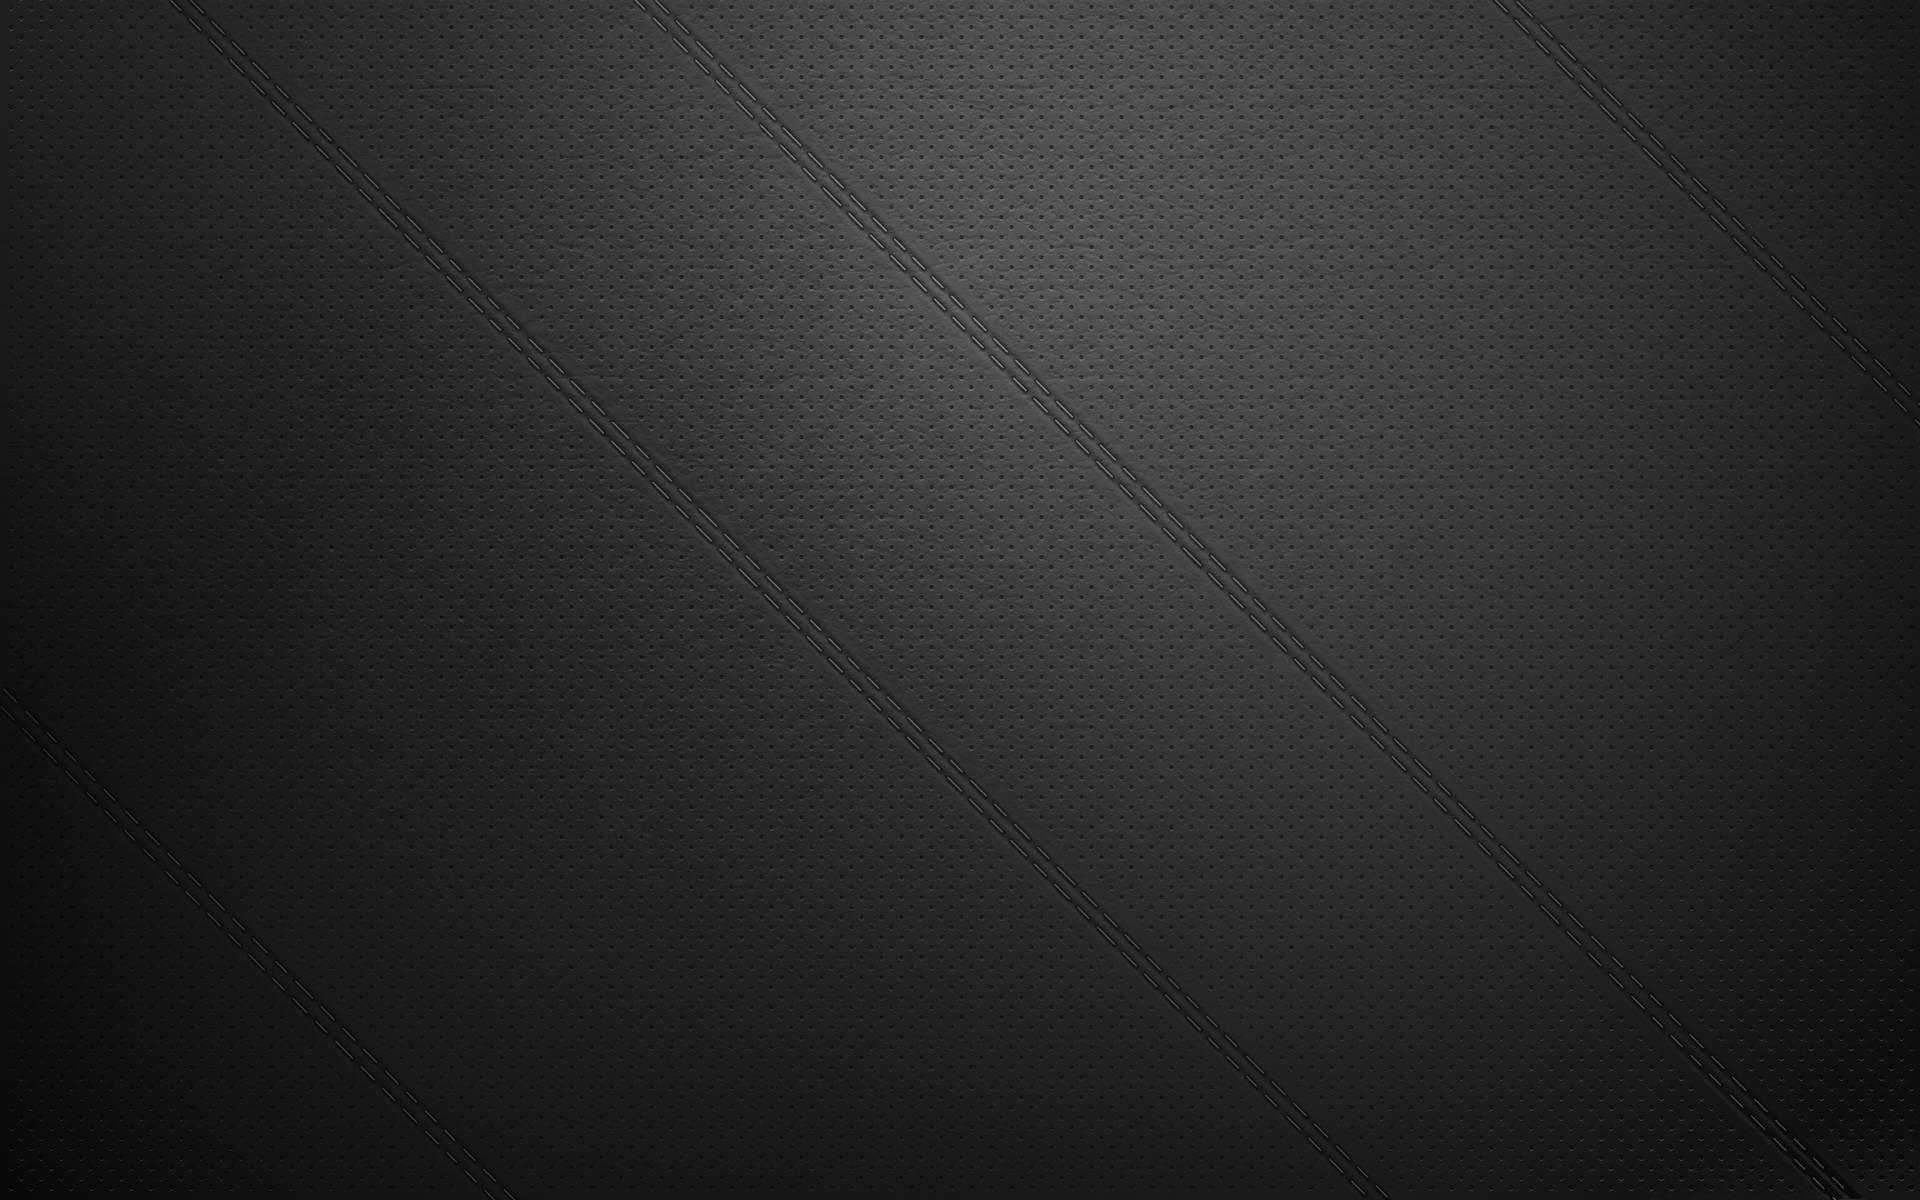 Plain Backgrounds 1920x1200